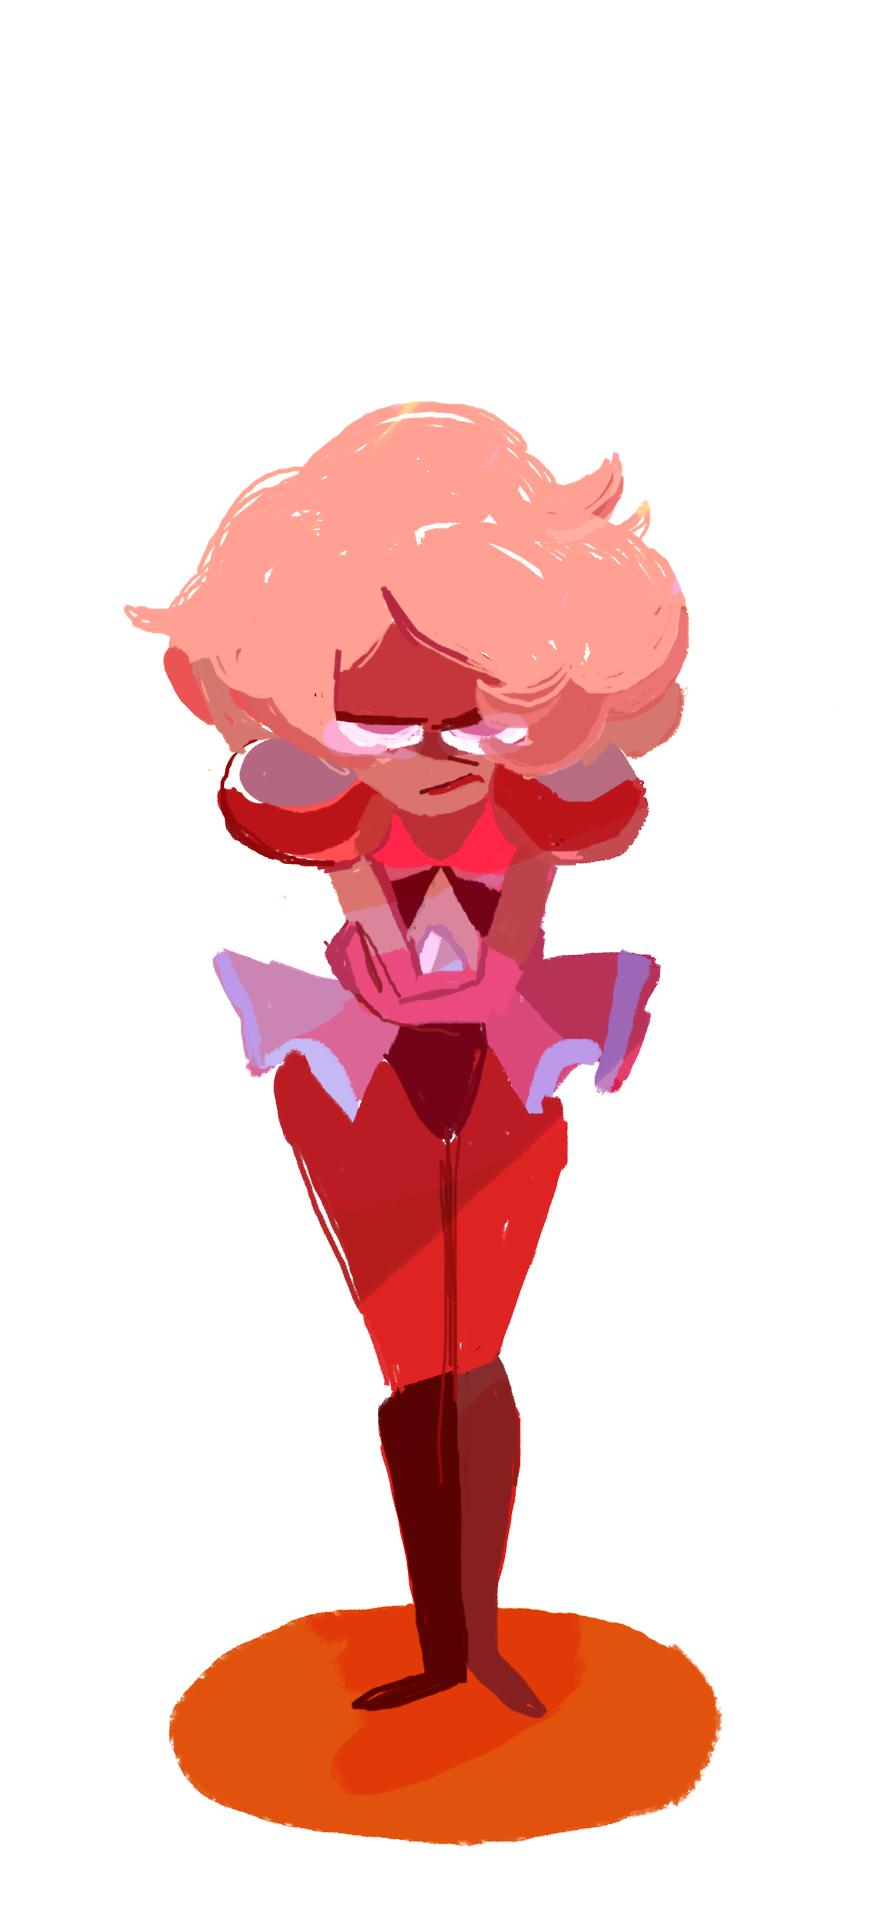 She pout